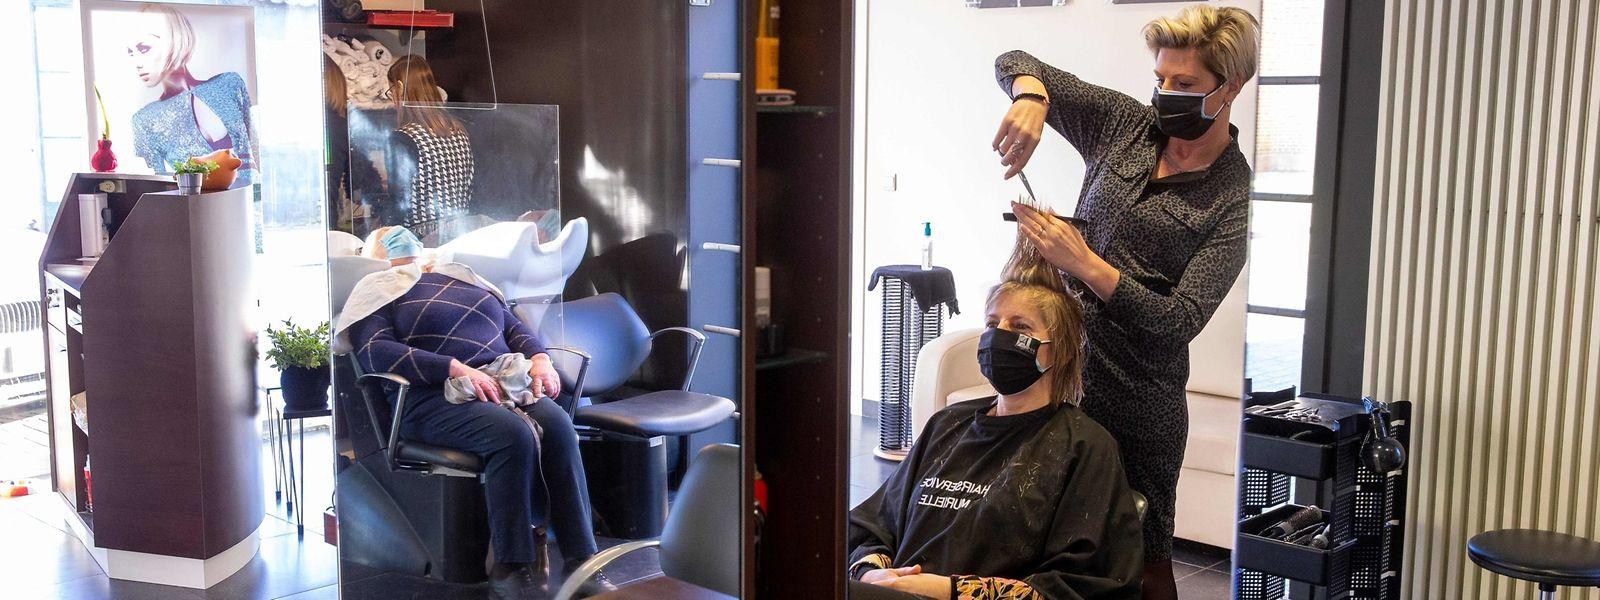 En Belgique, les coiffeurs et le tourisme intérieur ont pu bénéficier d'un léger assouplissement des mesures anti-covid dans le royaume.